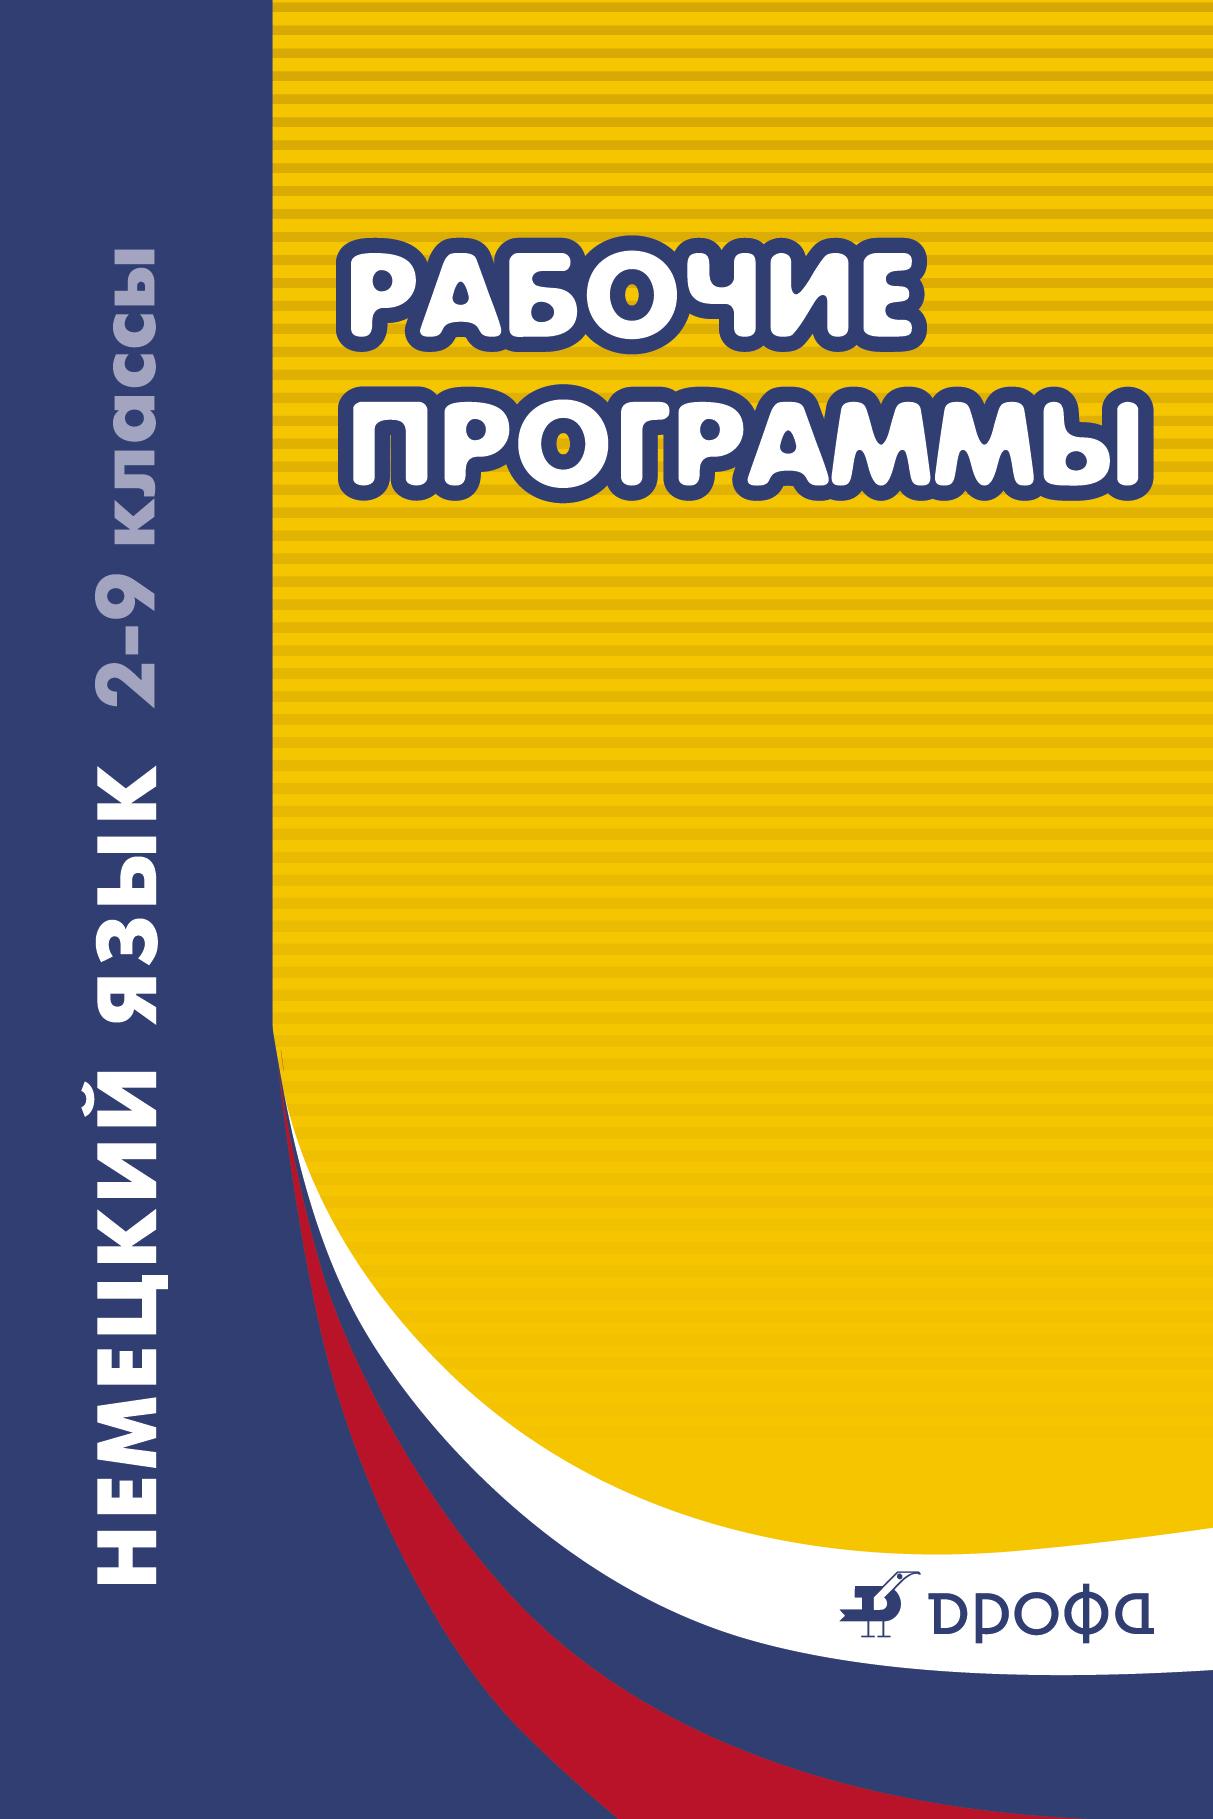 Шмакова Е.Ю. Немецкий язык. 2–9 классы. Рабочие программы